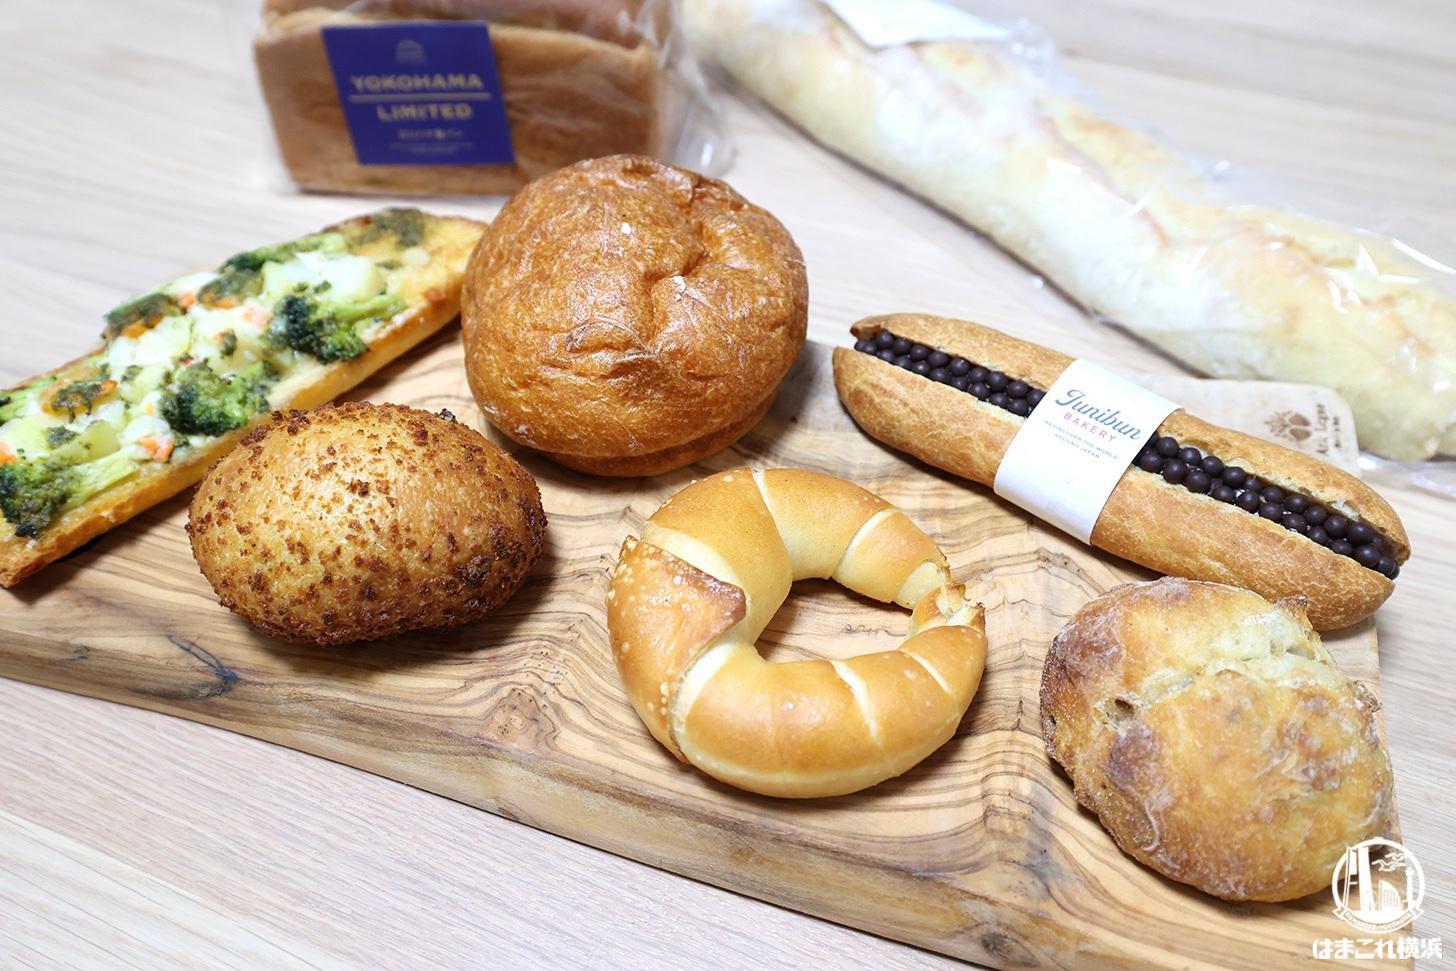 初訪問時に購入したパン